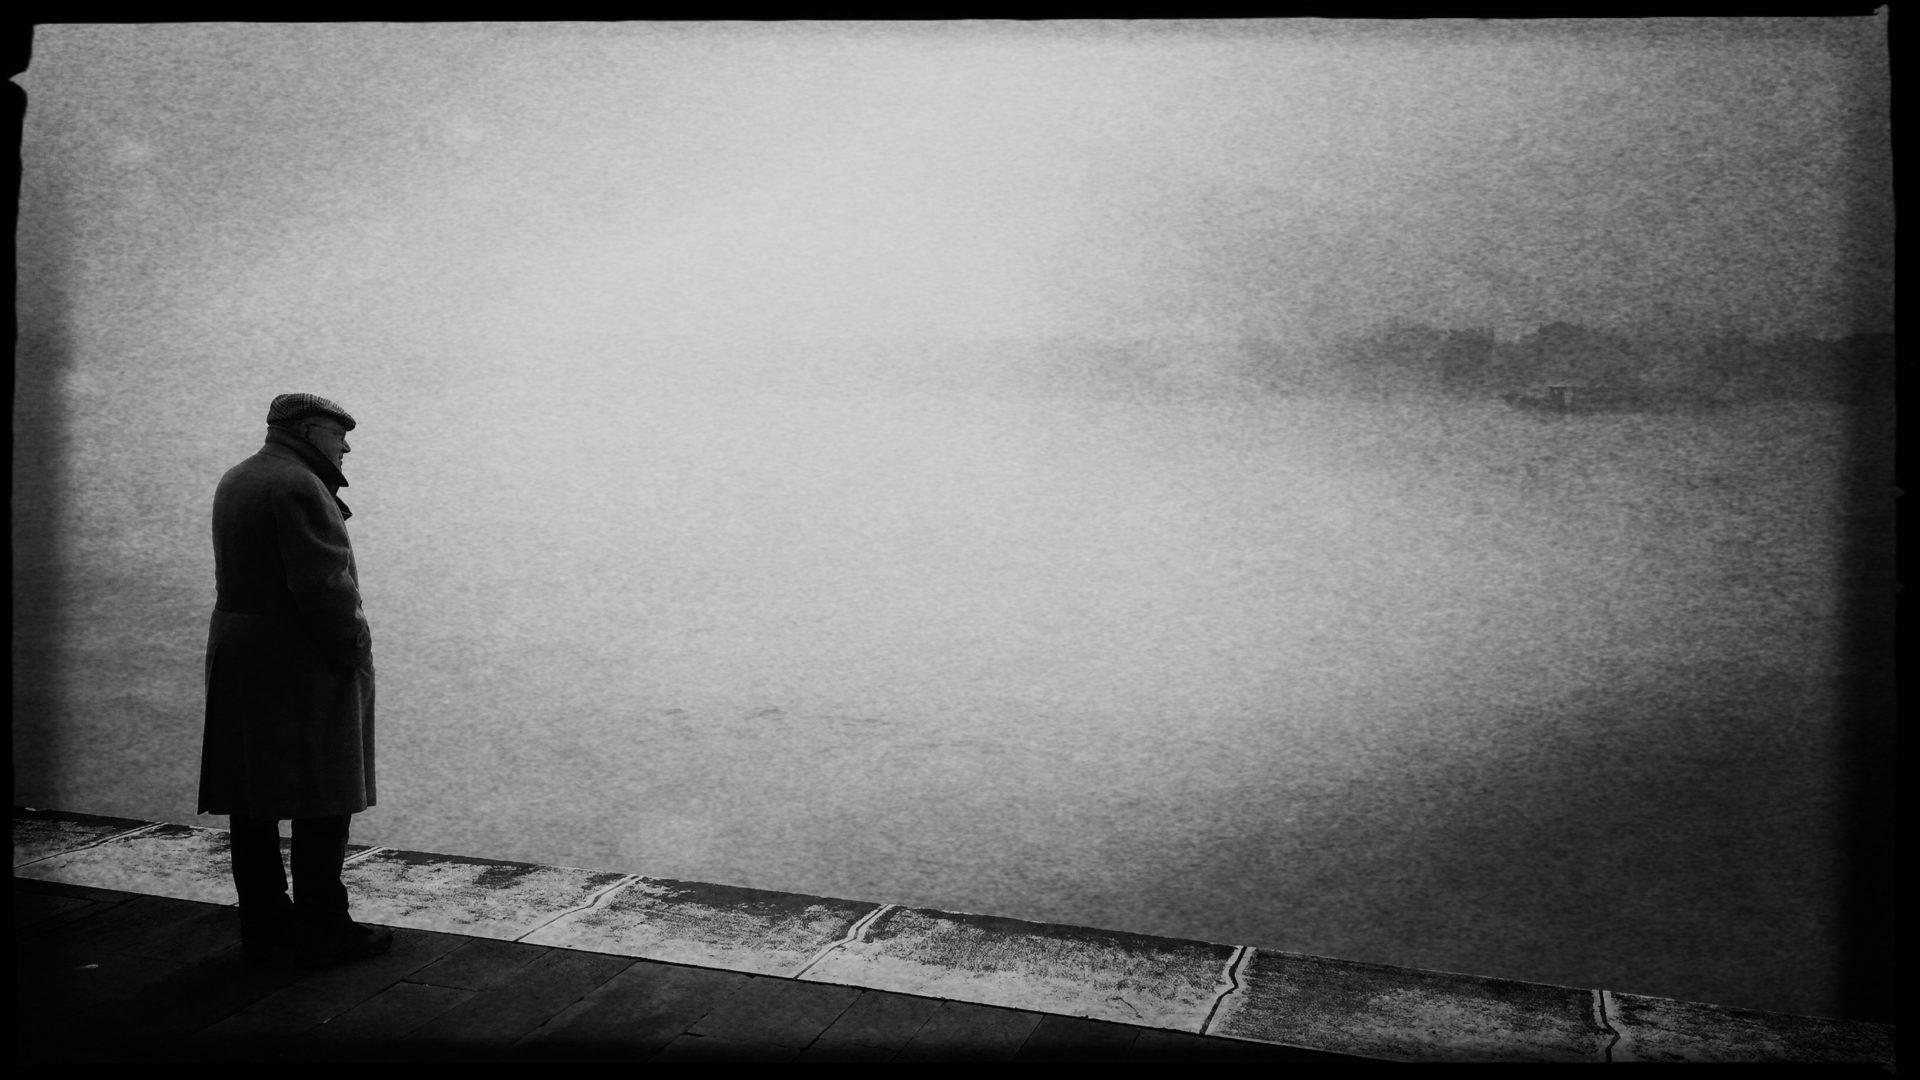 Mann sucht im Nebel von Venedig nach der Insel Giudecca